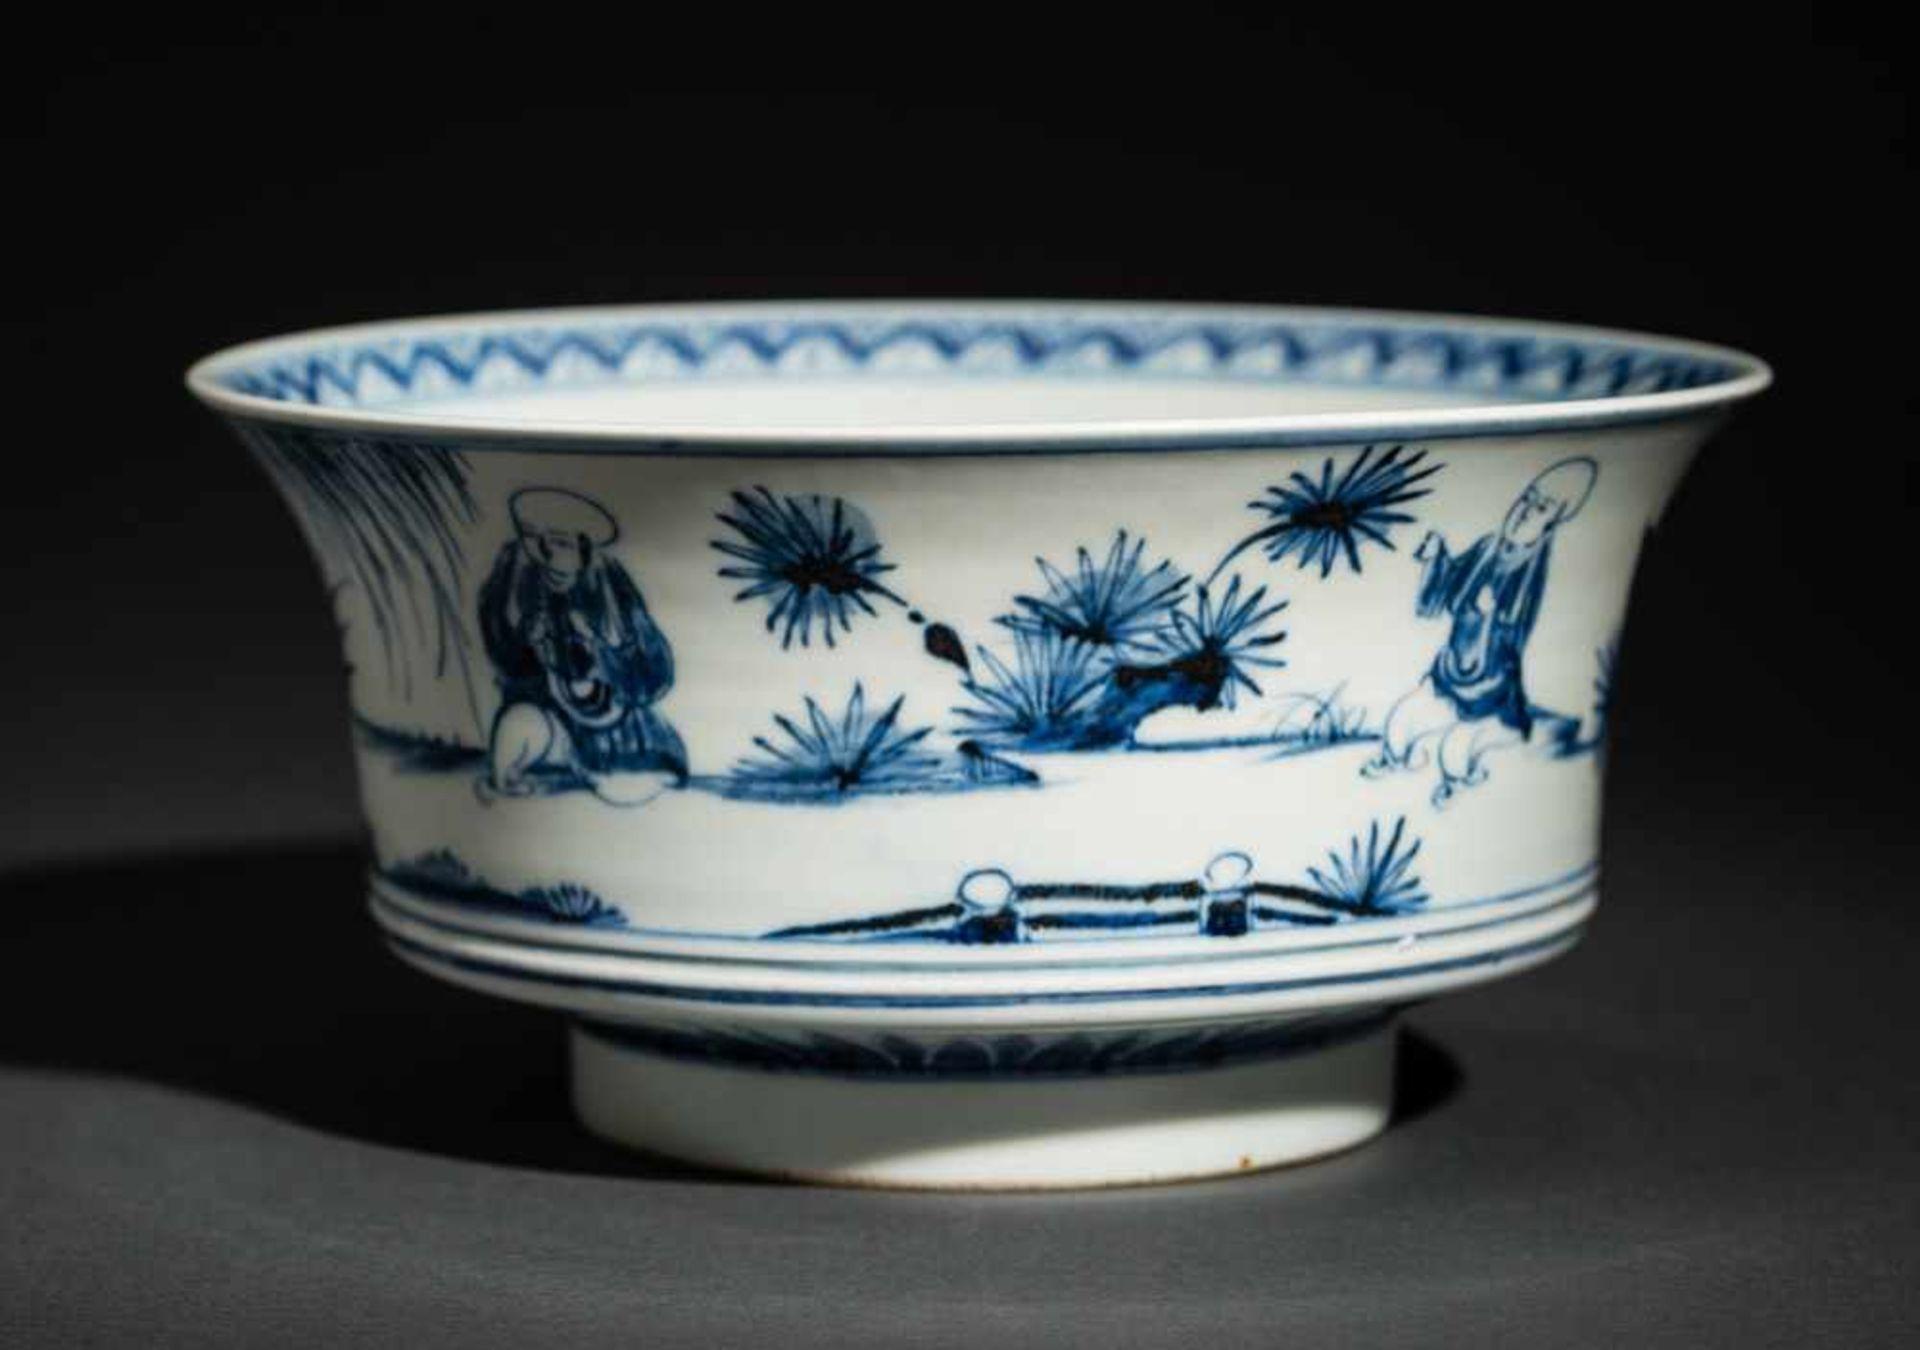 TIEFE SCHALE MIT SPIELENDEN KNABEN Blauweißes Porzellan. China, Auf der nach außen geschwungenen - Image 2 of 6